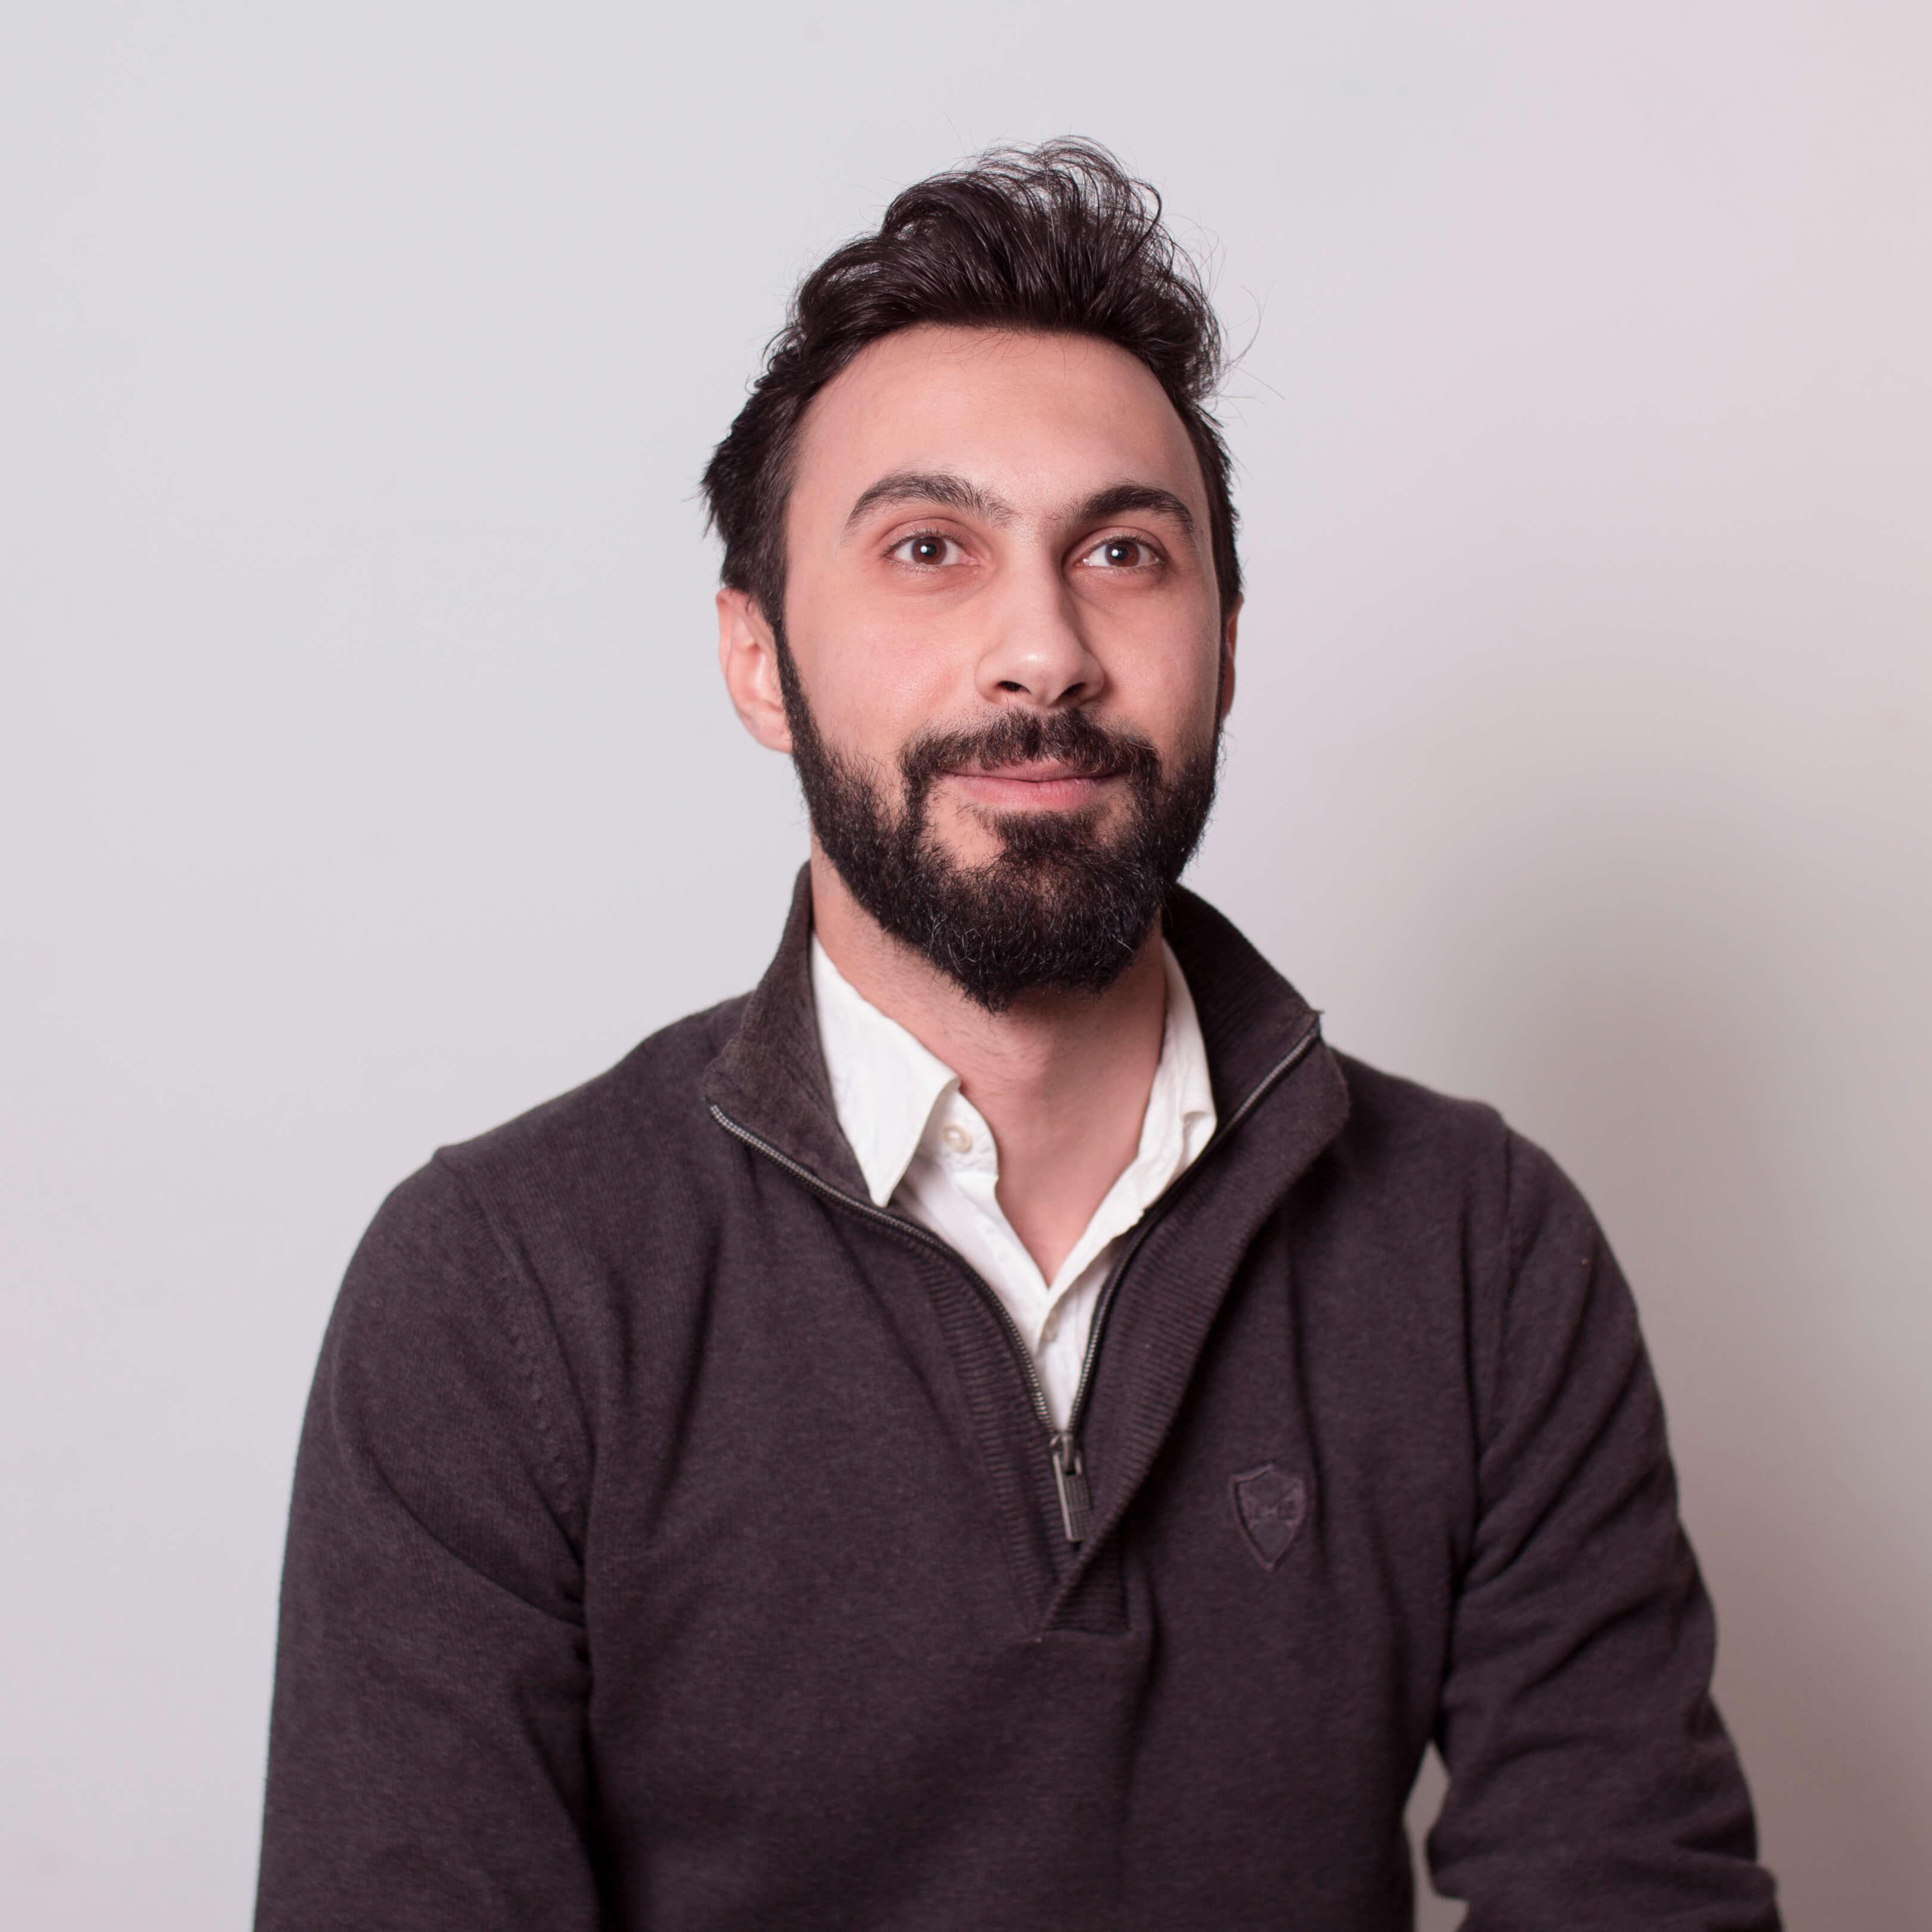 Mohamad Dawod